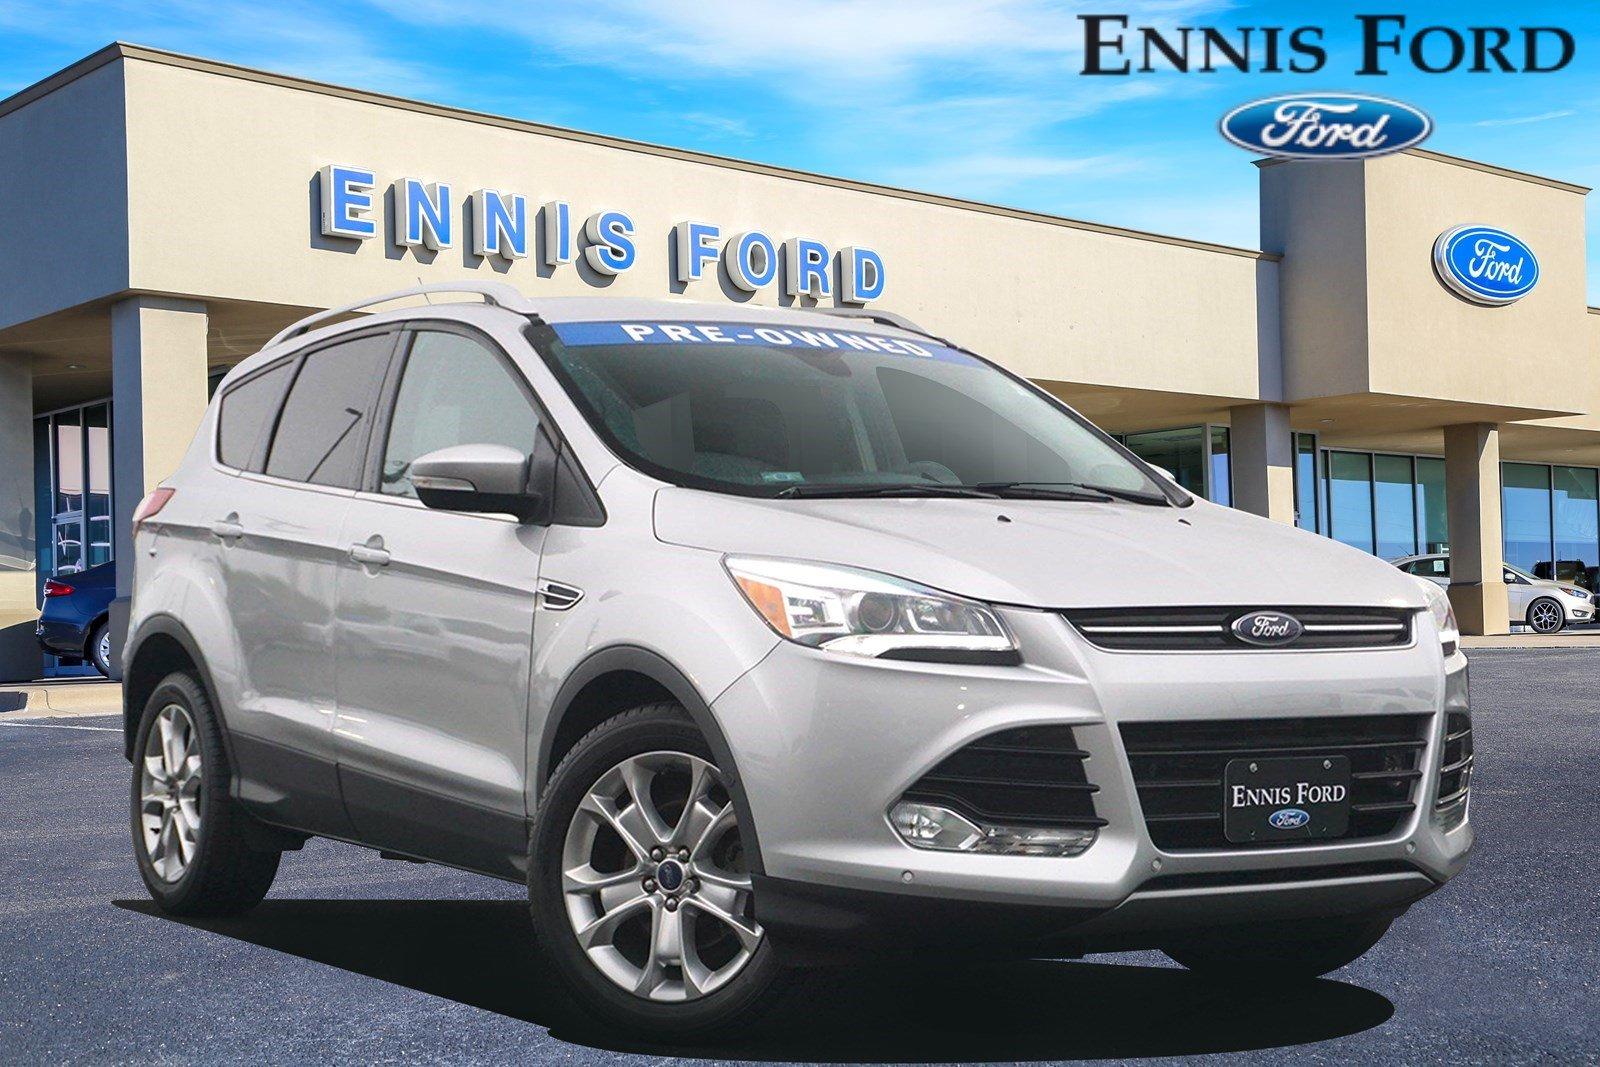 2016 Ford Escape Titanium FWD  Titanium